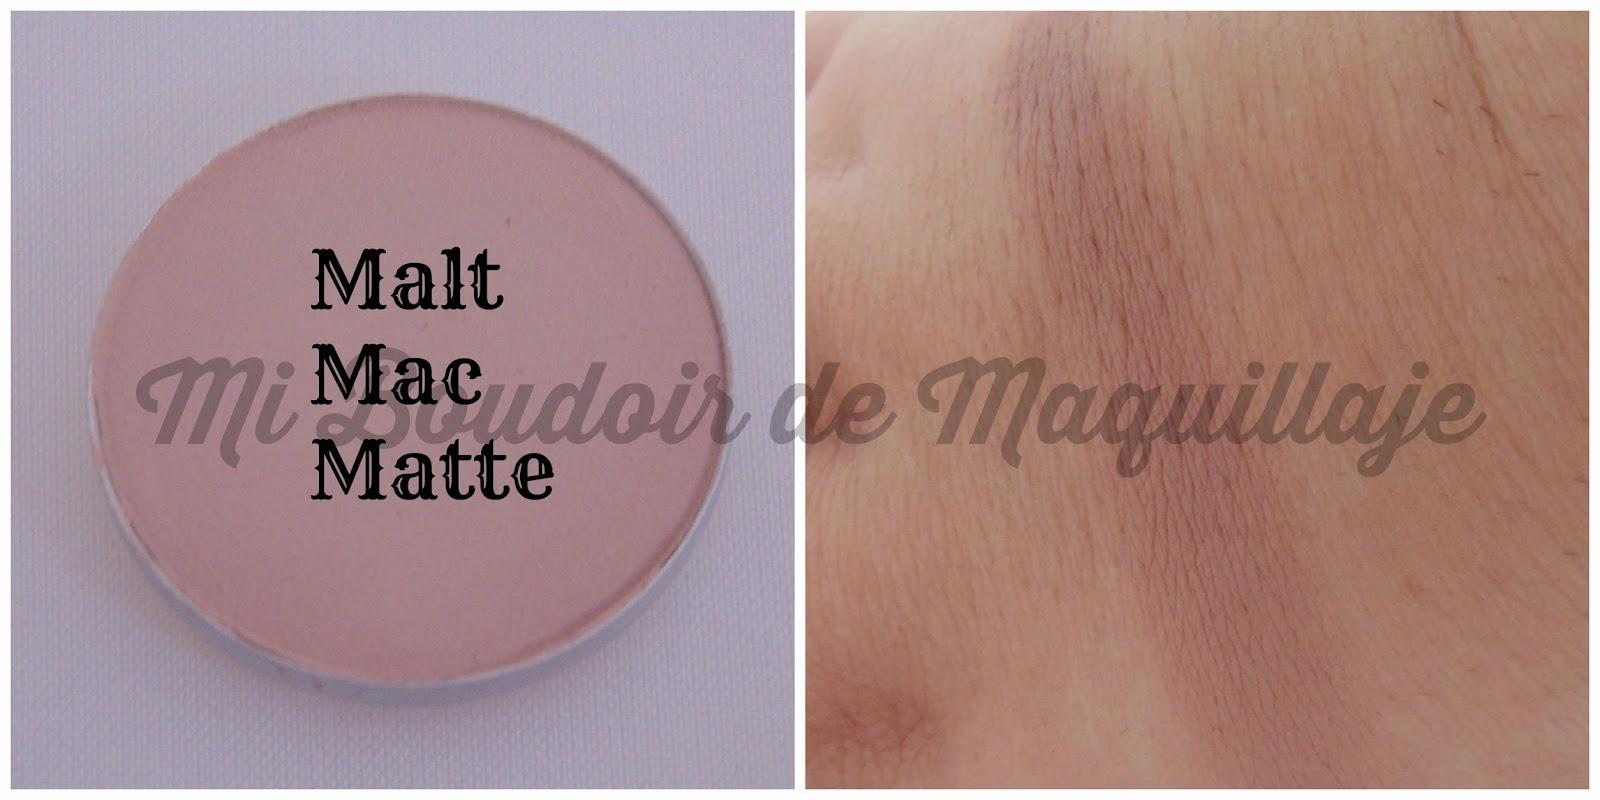 Mall Matte Mac